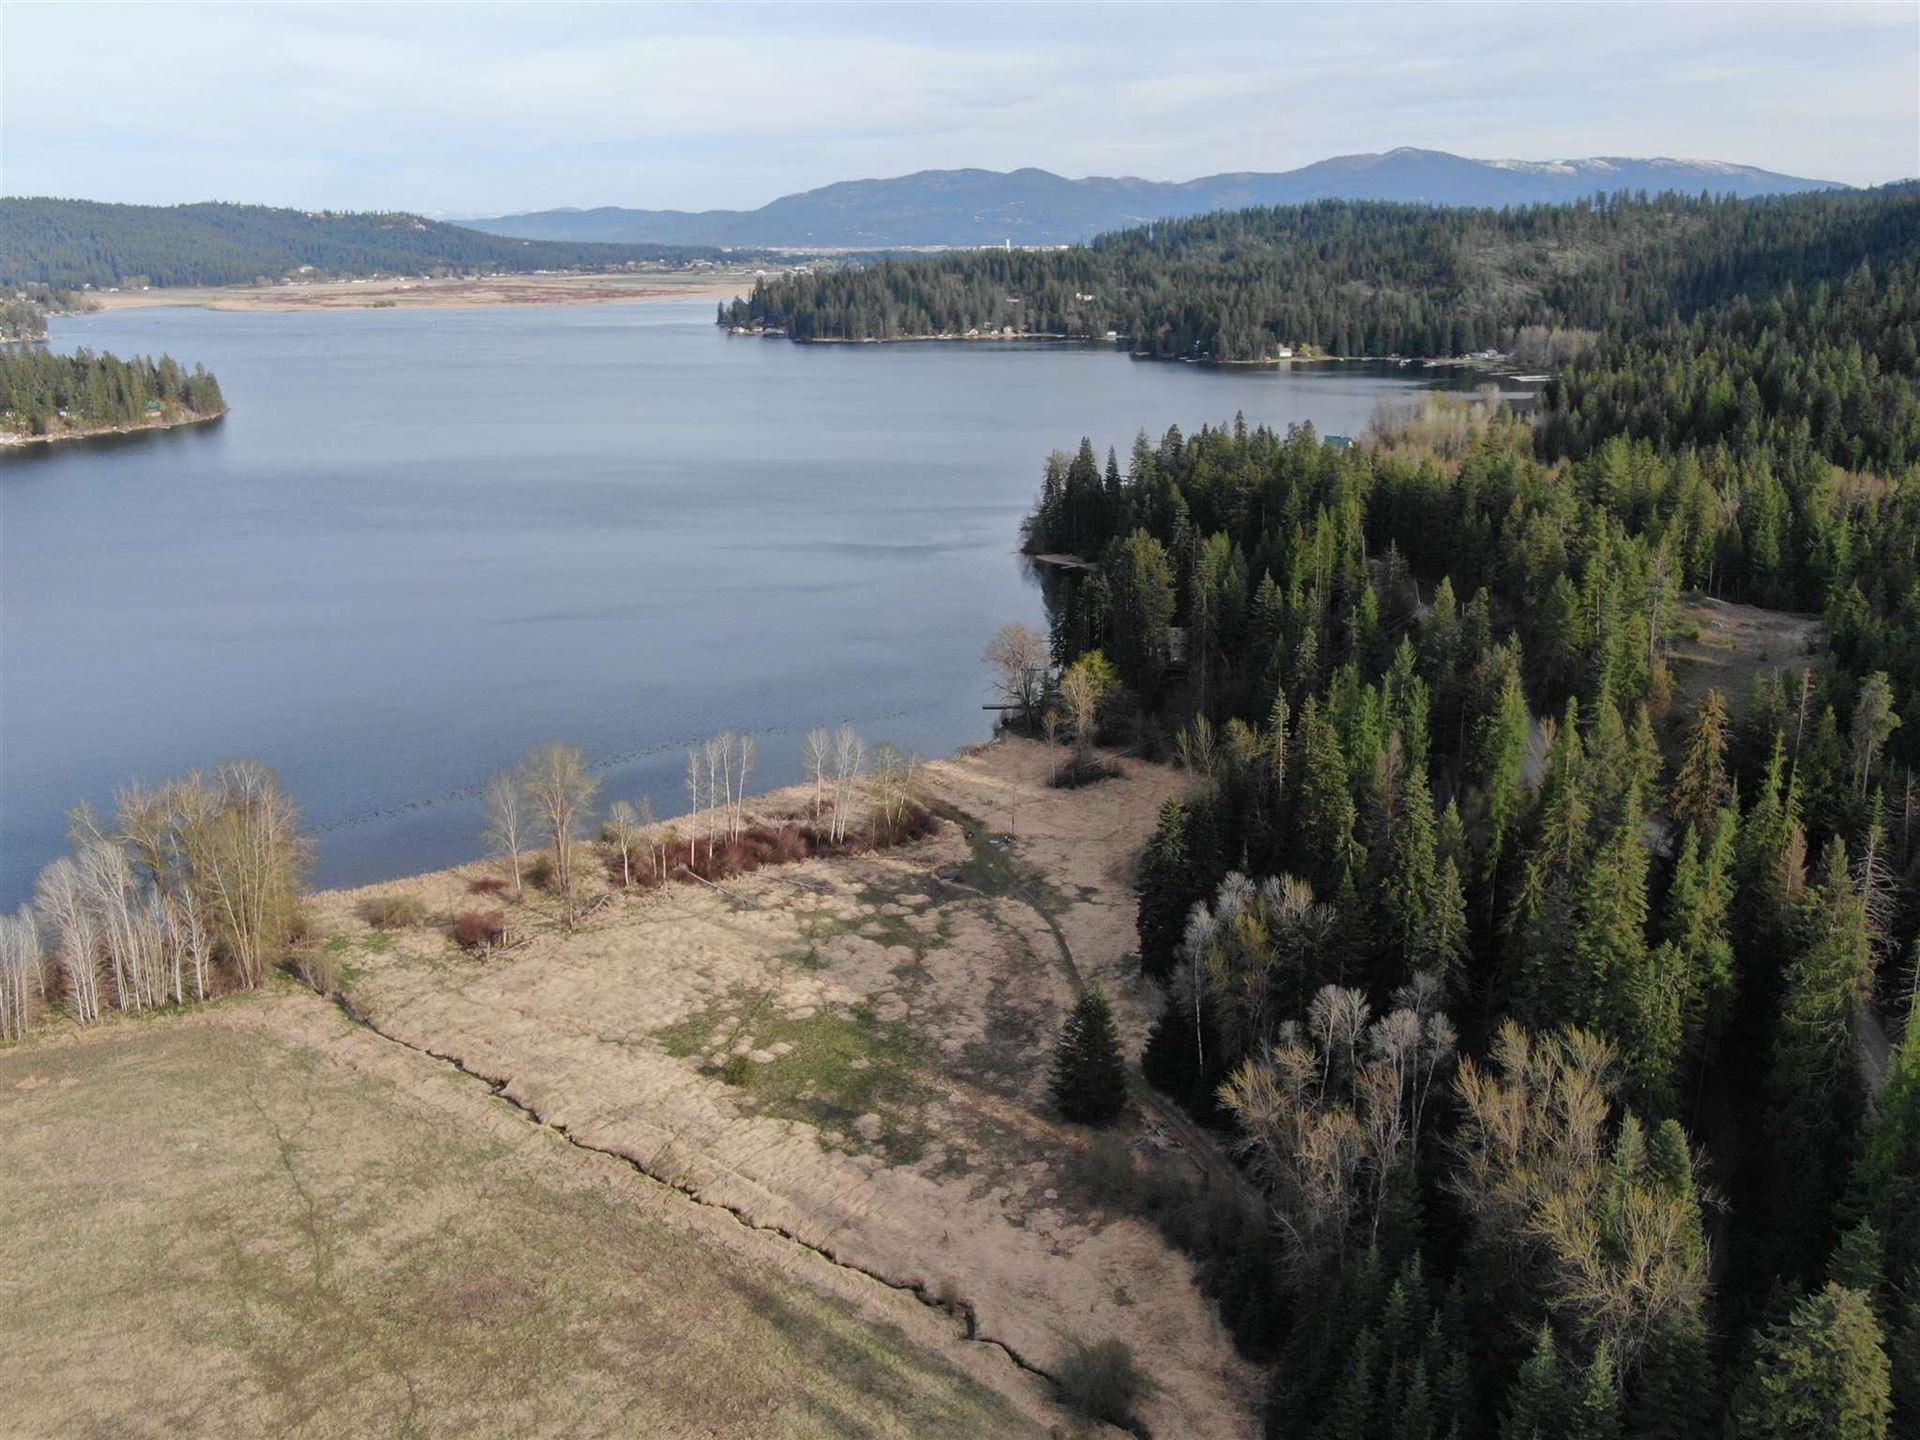 13111 N West Newman Lake Rd, Newman Lake, WA 99025 - #: 202114863